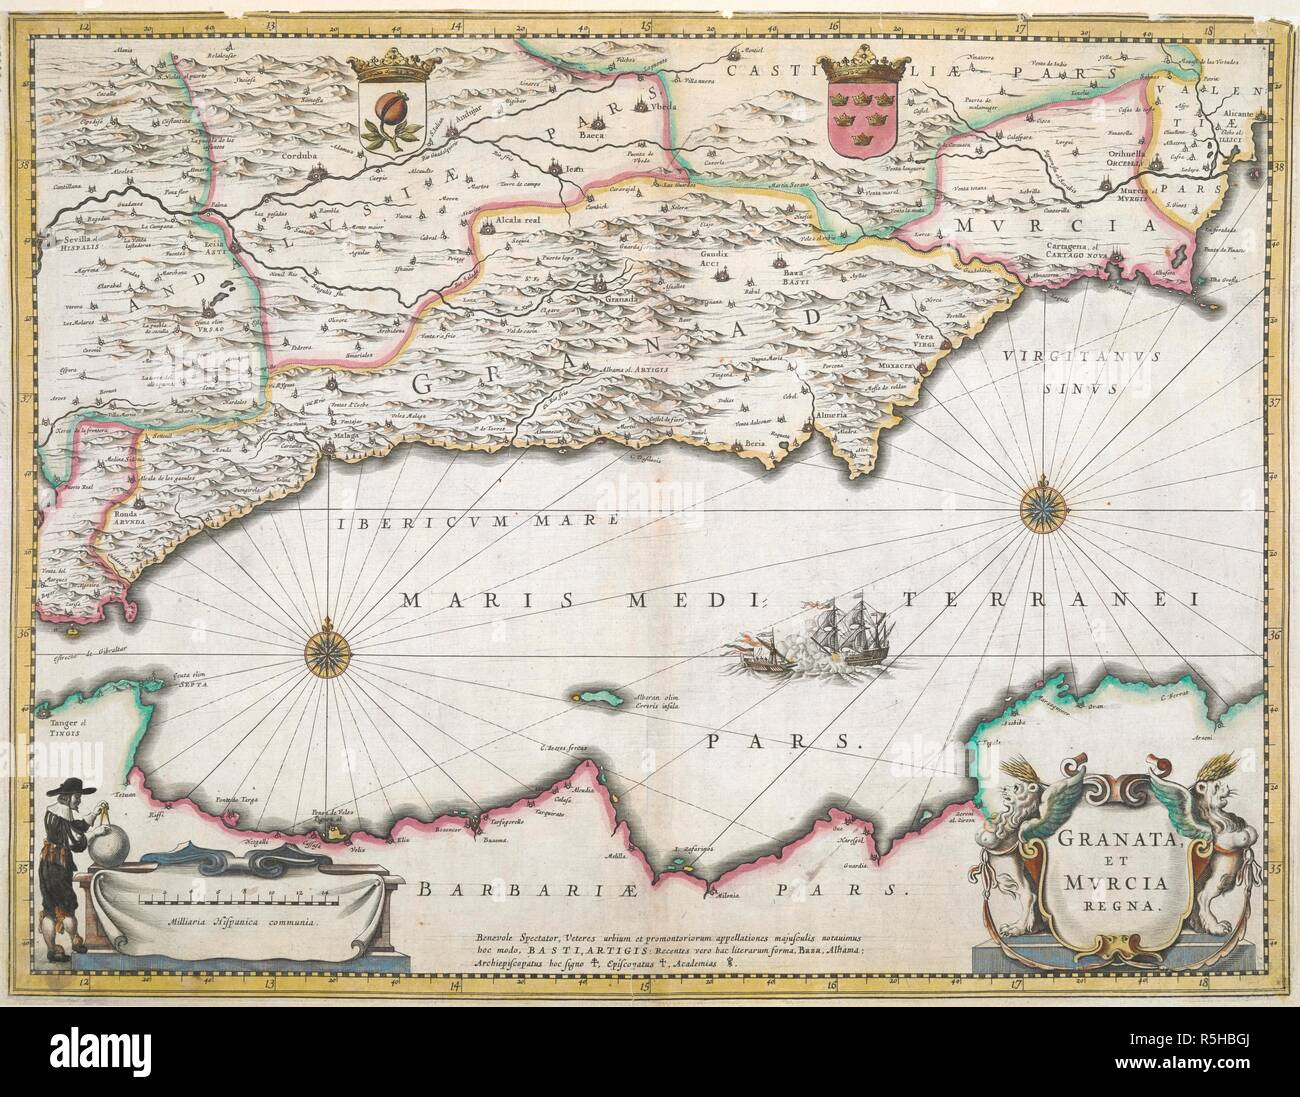 Granada Karte.Jahrhundert Karte Der Regionen Von Granada Und Murcia In Spanien